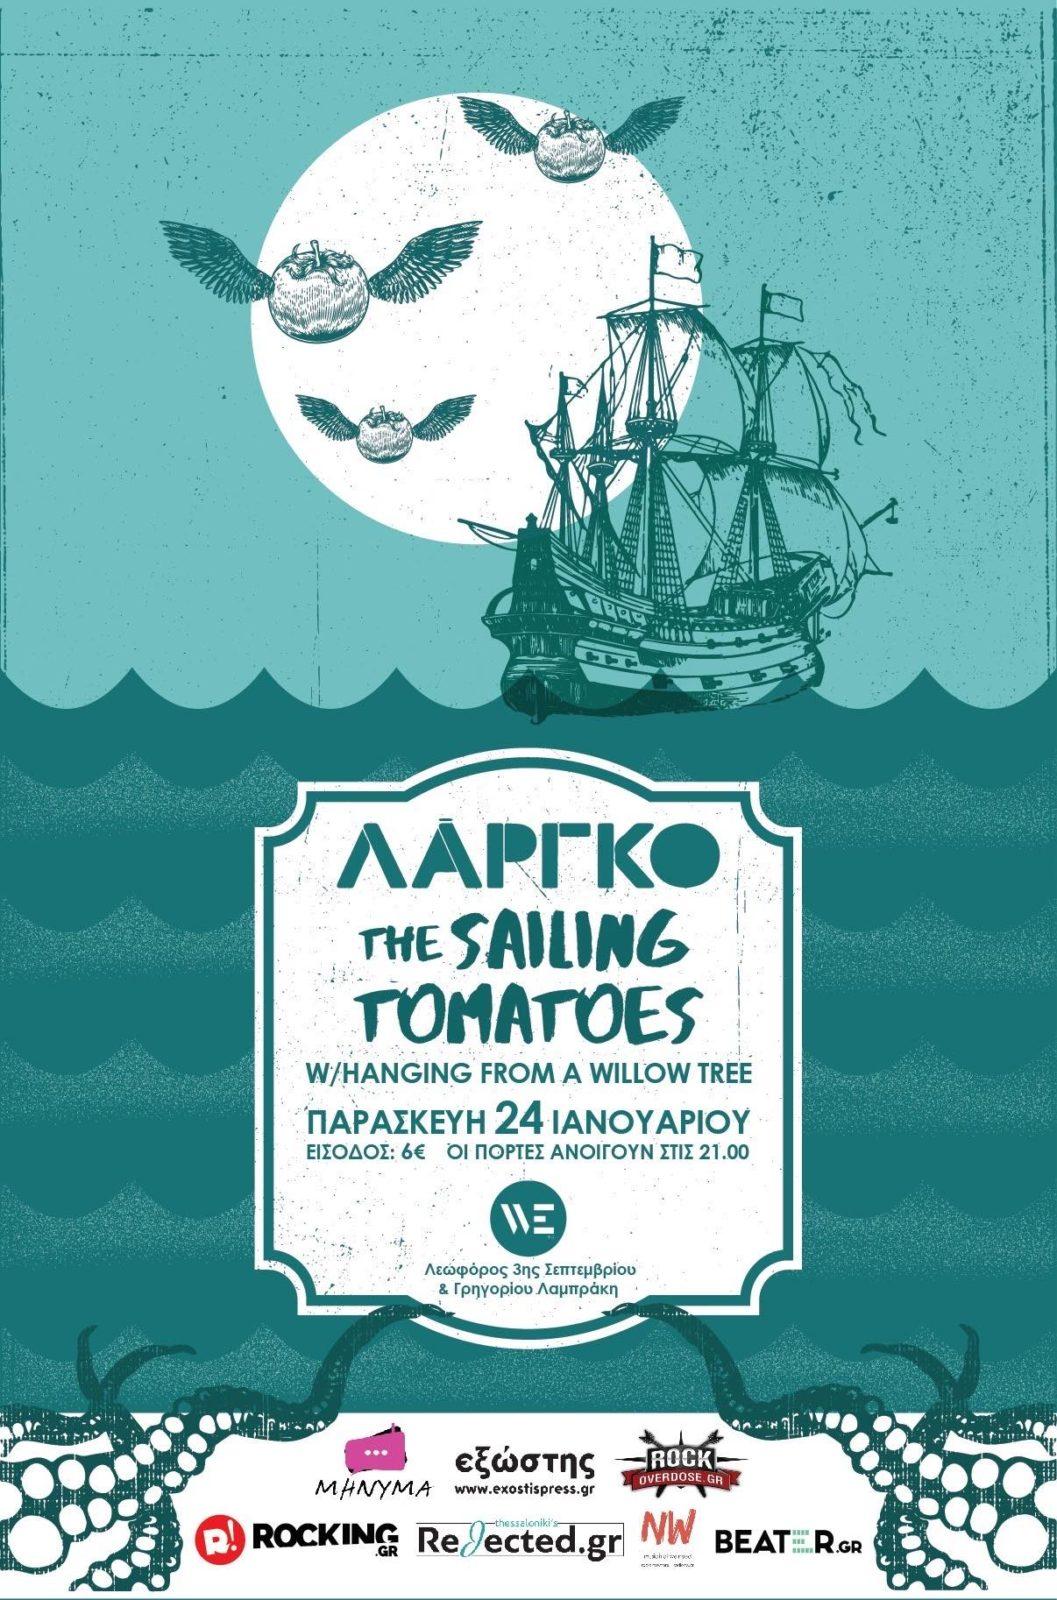 Λάργκο & The Sailing Tomatoes (Θεσσαλονίκη 24.01.2020)